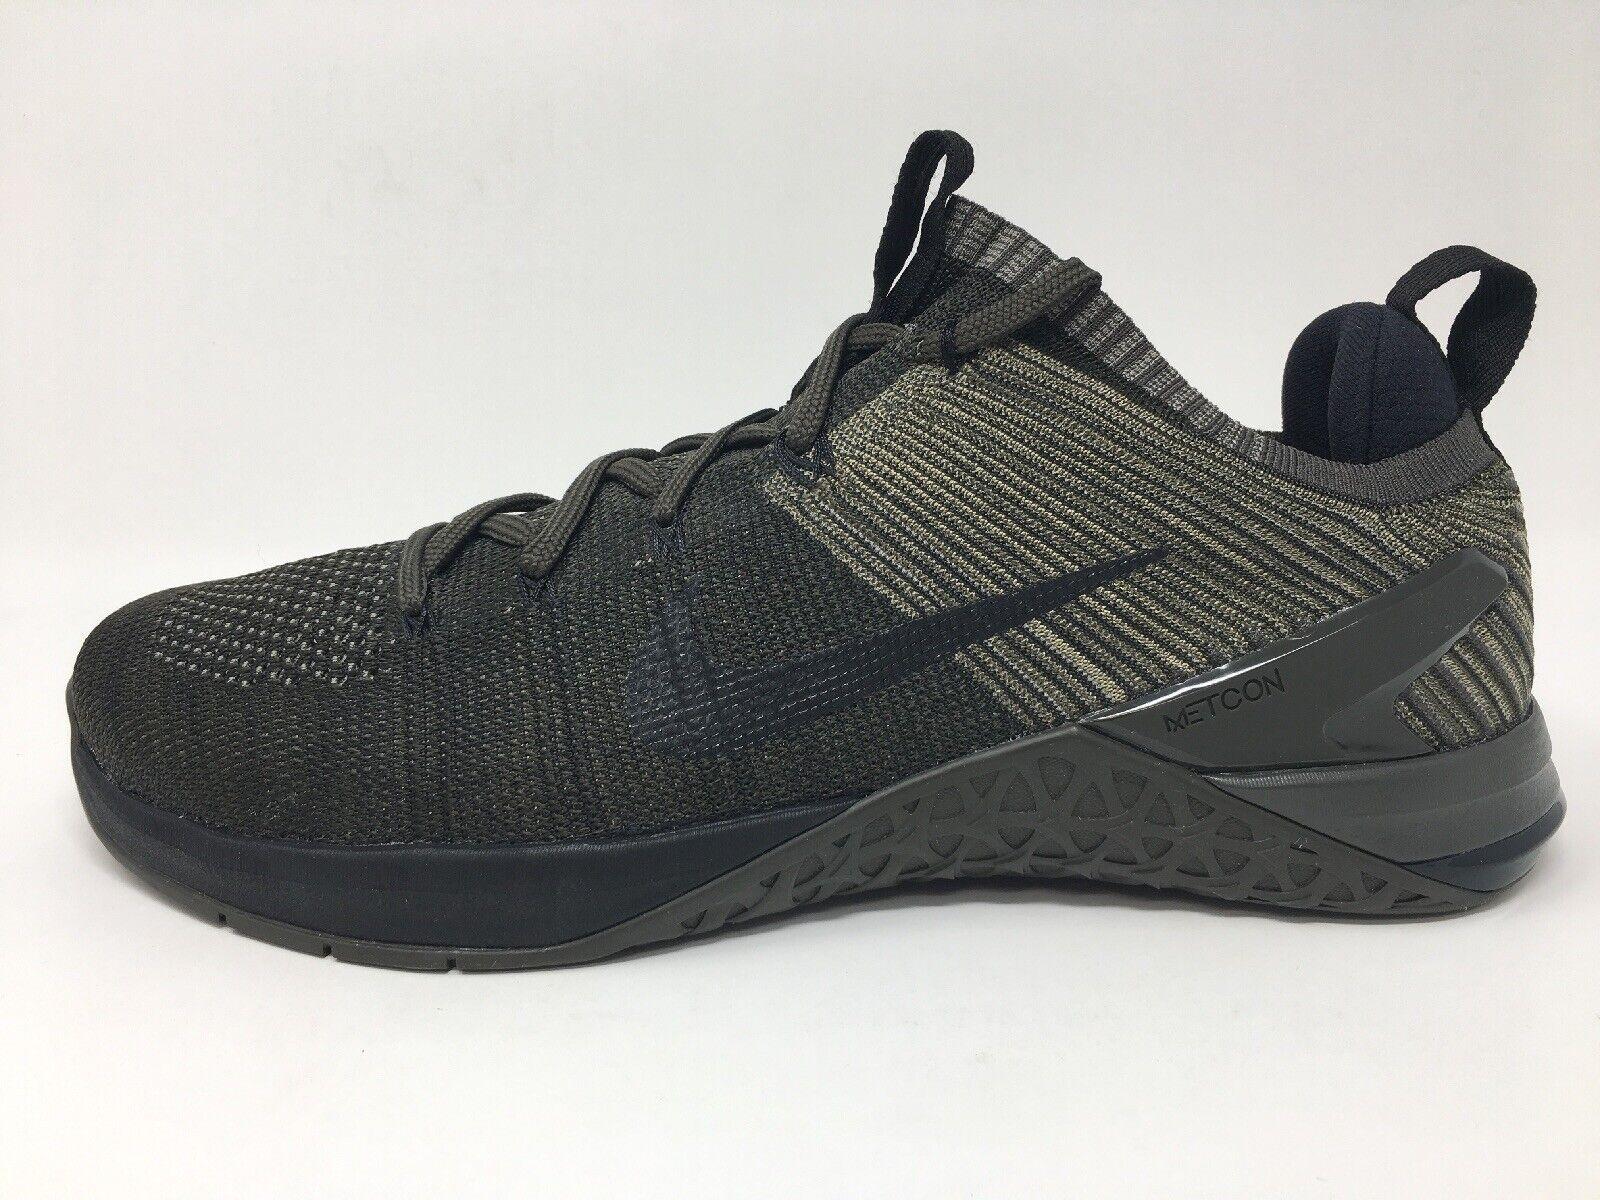 Nike METCON DSX FLYKIT  2 Dark Stucco  nero Newsletter 924423 008 Dimensione 11.5 NIB  buona reputazione